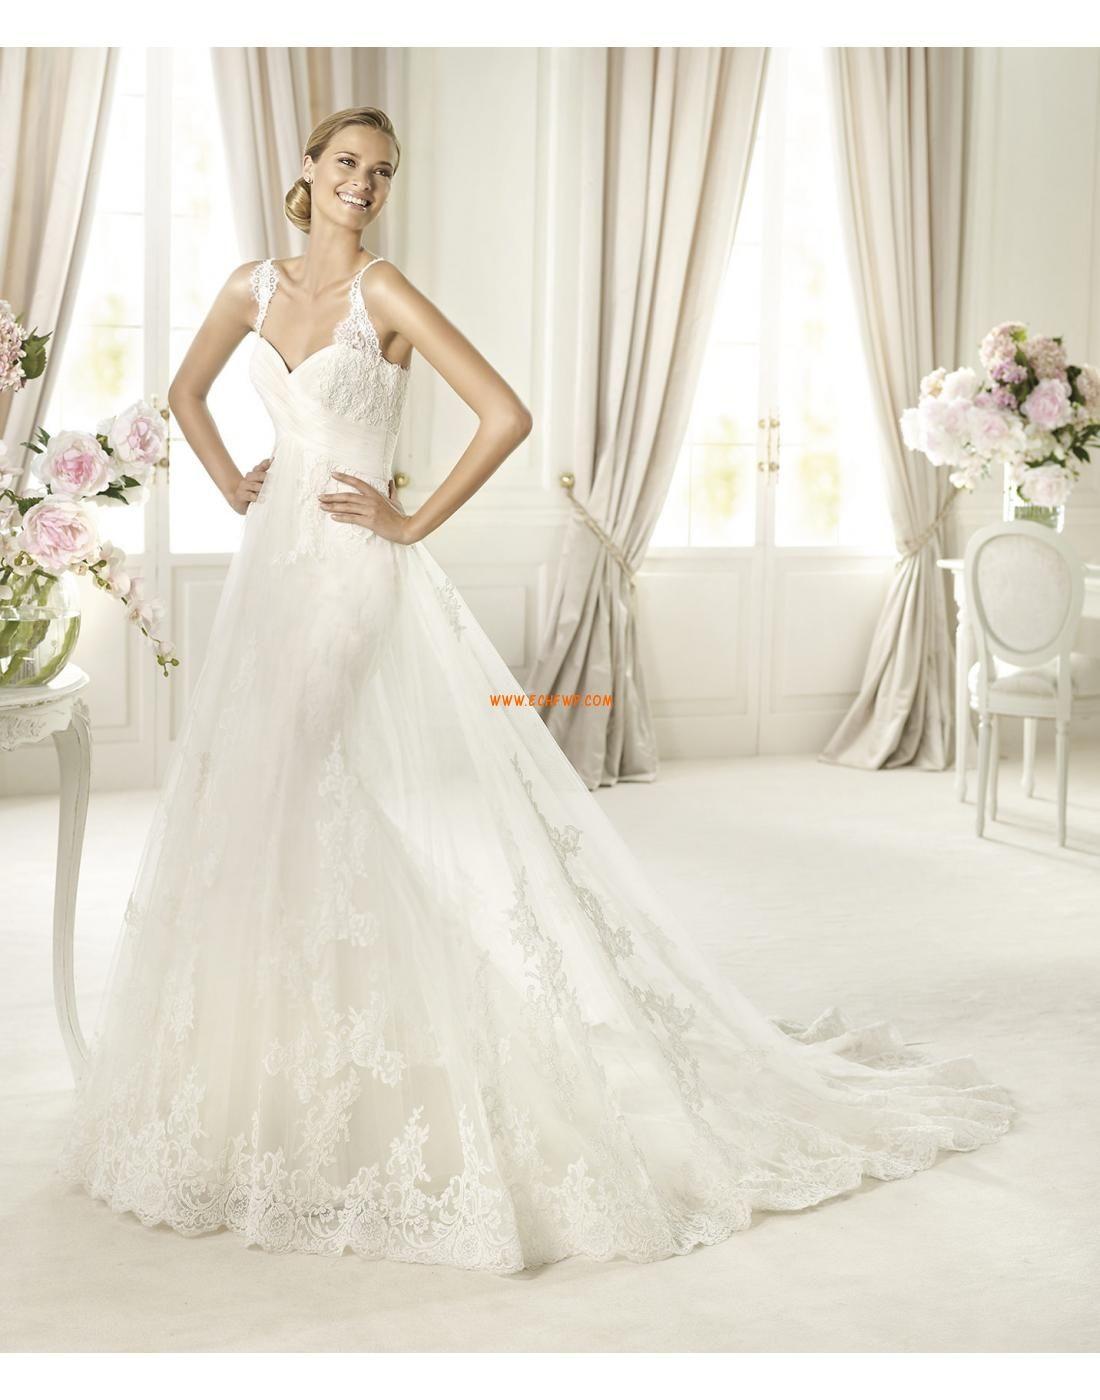 Princess-Stil 3/4 Arm Natürlich Brautkleider 2014 | Brautkleid ...